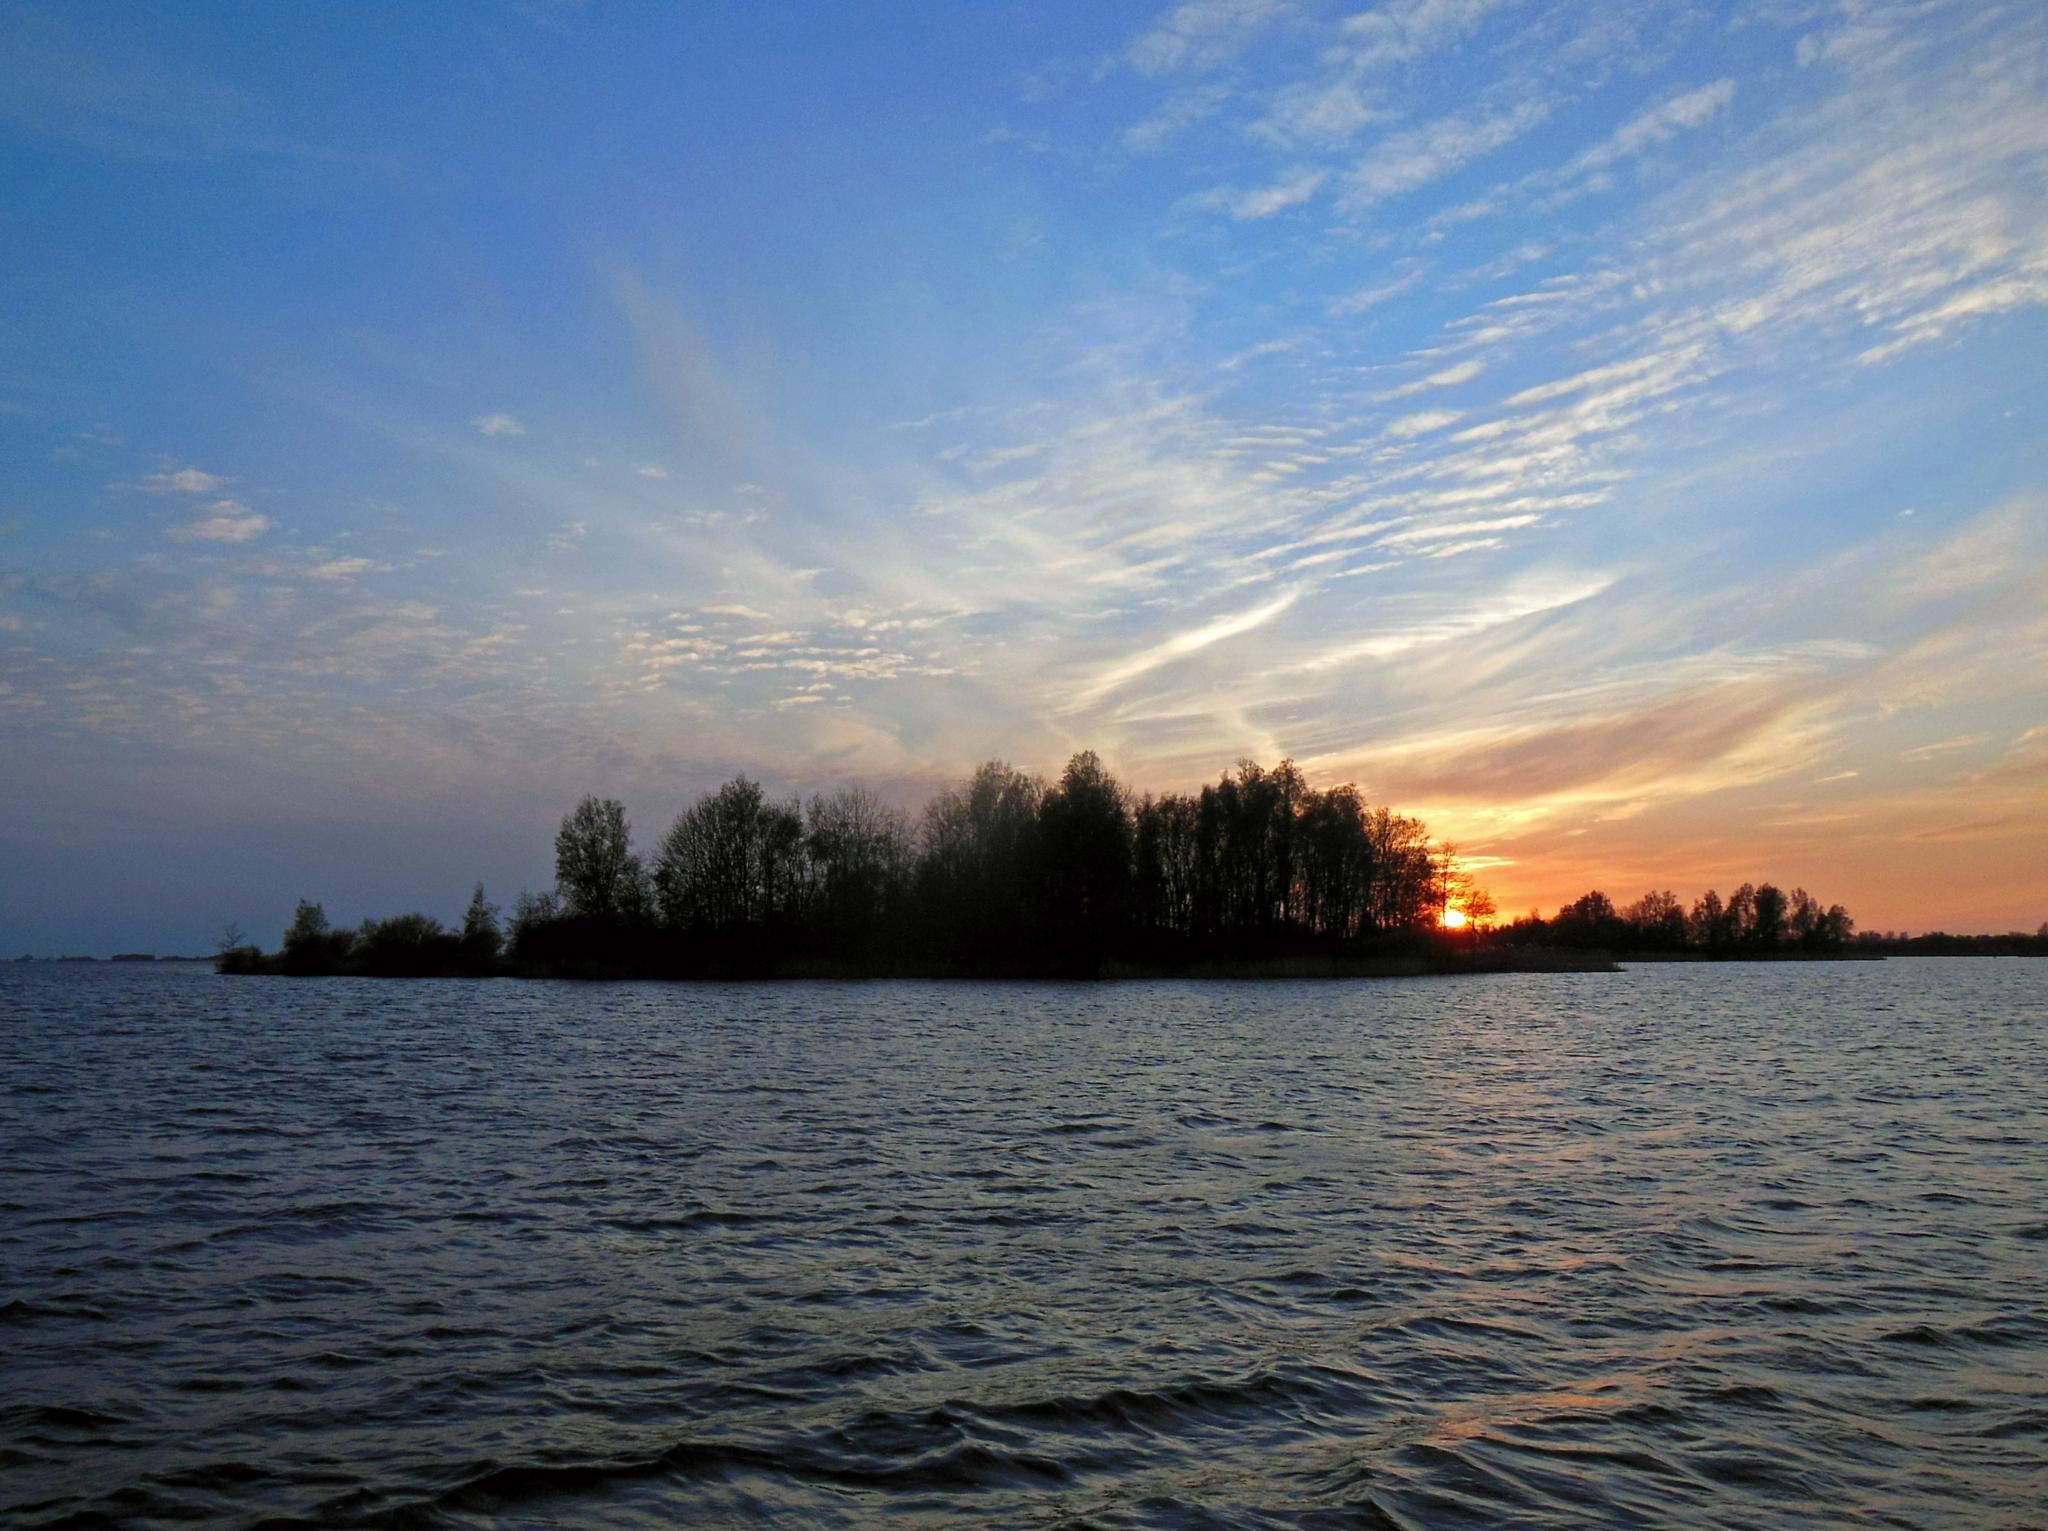 evening sun going down by leendert.terpstra